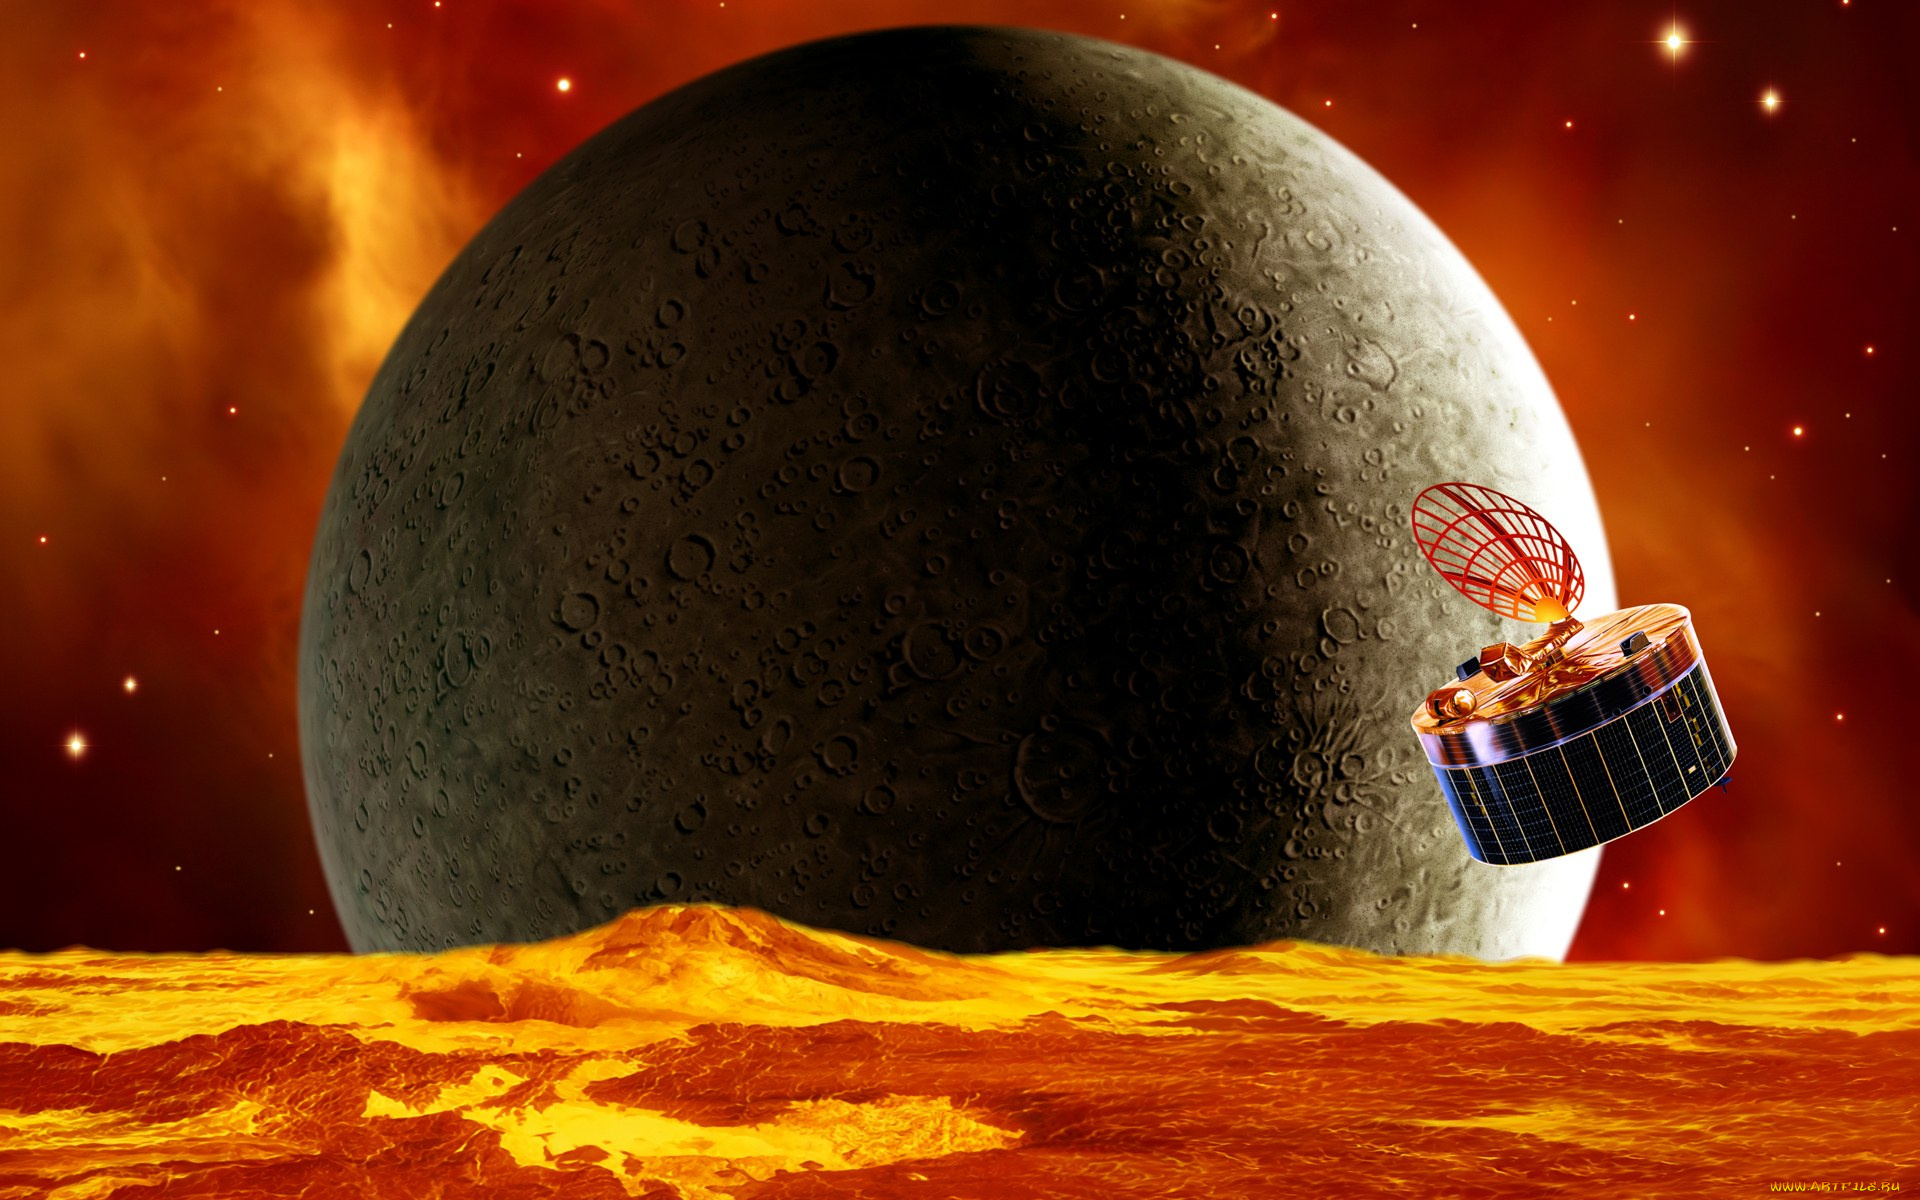 Обои огненная планета картинки на рабочий стол на тему Космос - скачать  № 433830 бесплатно